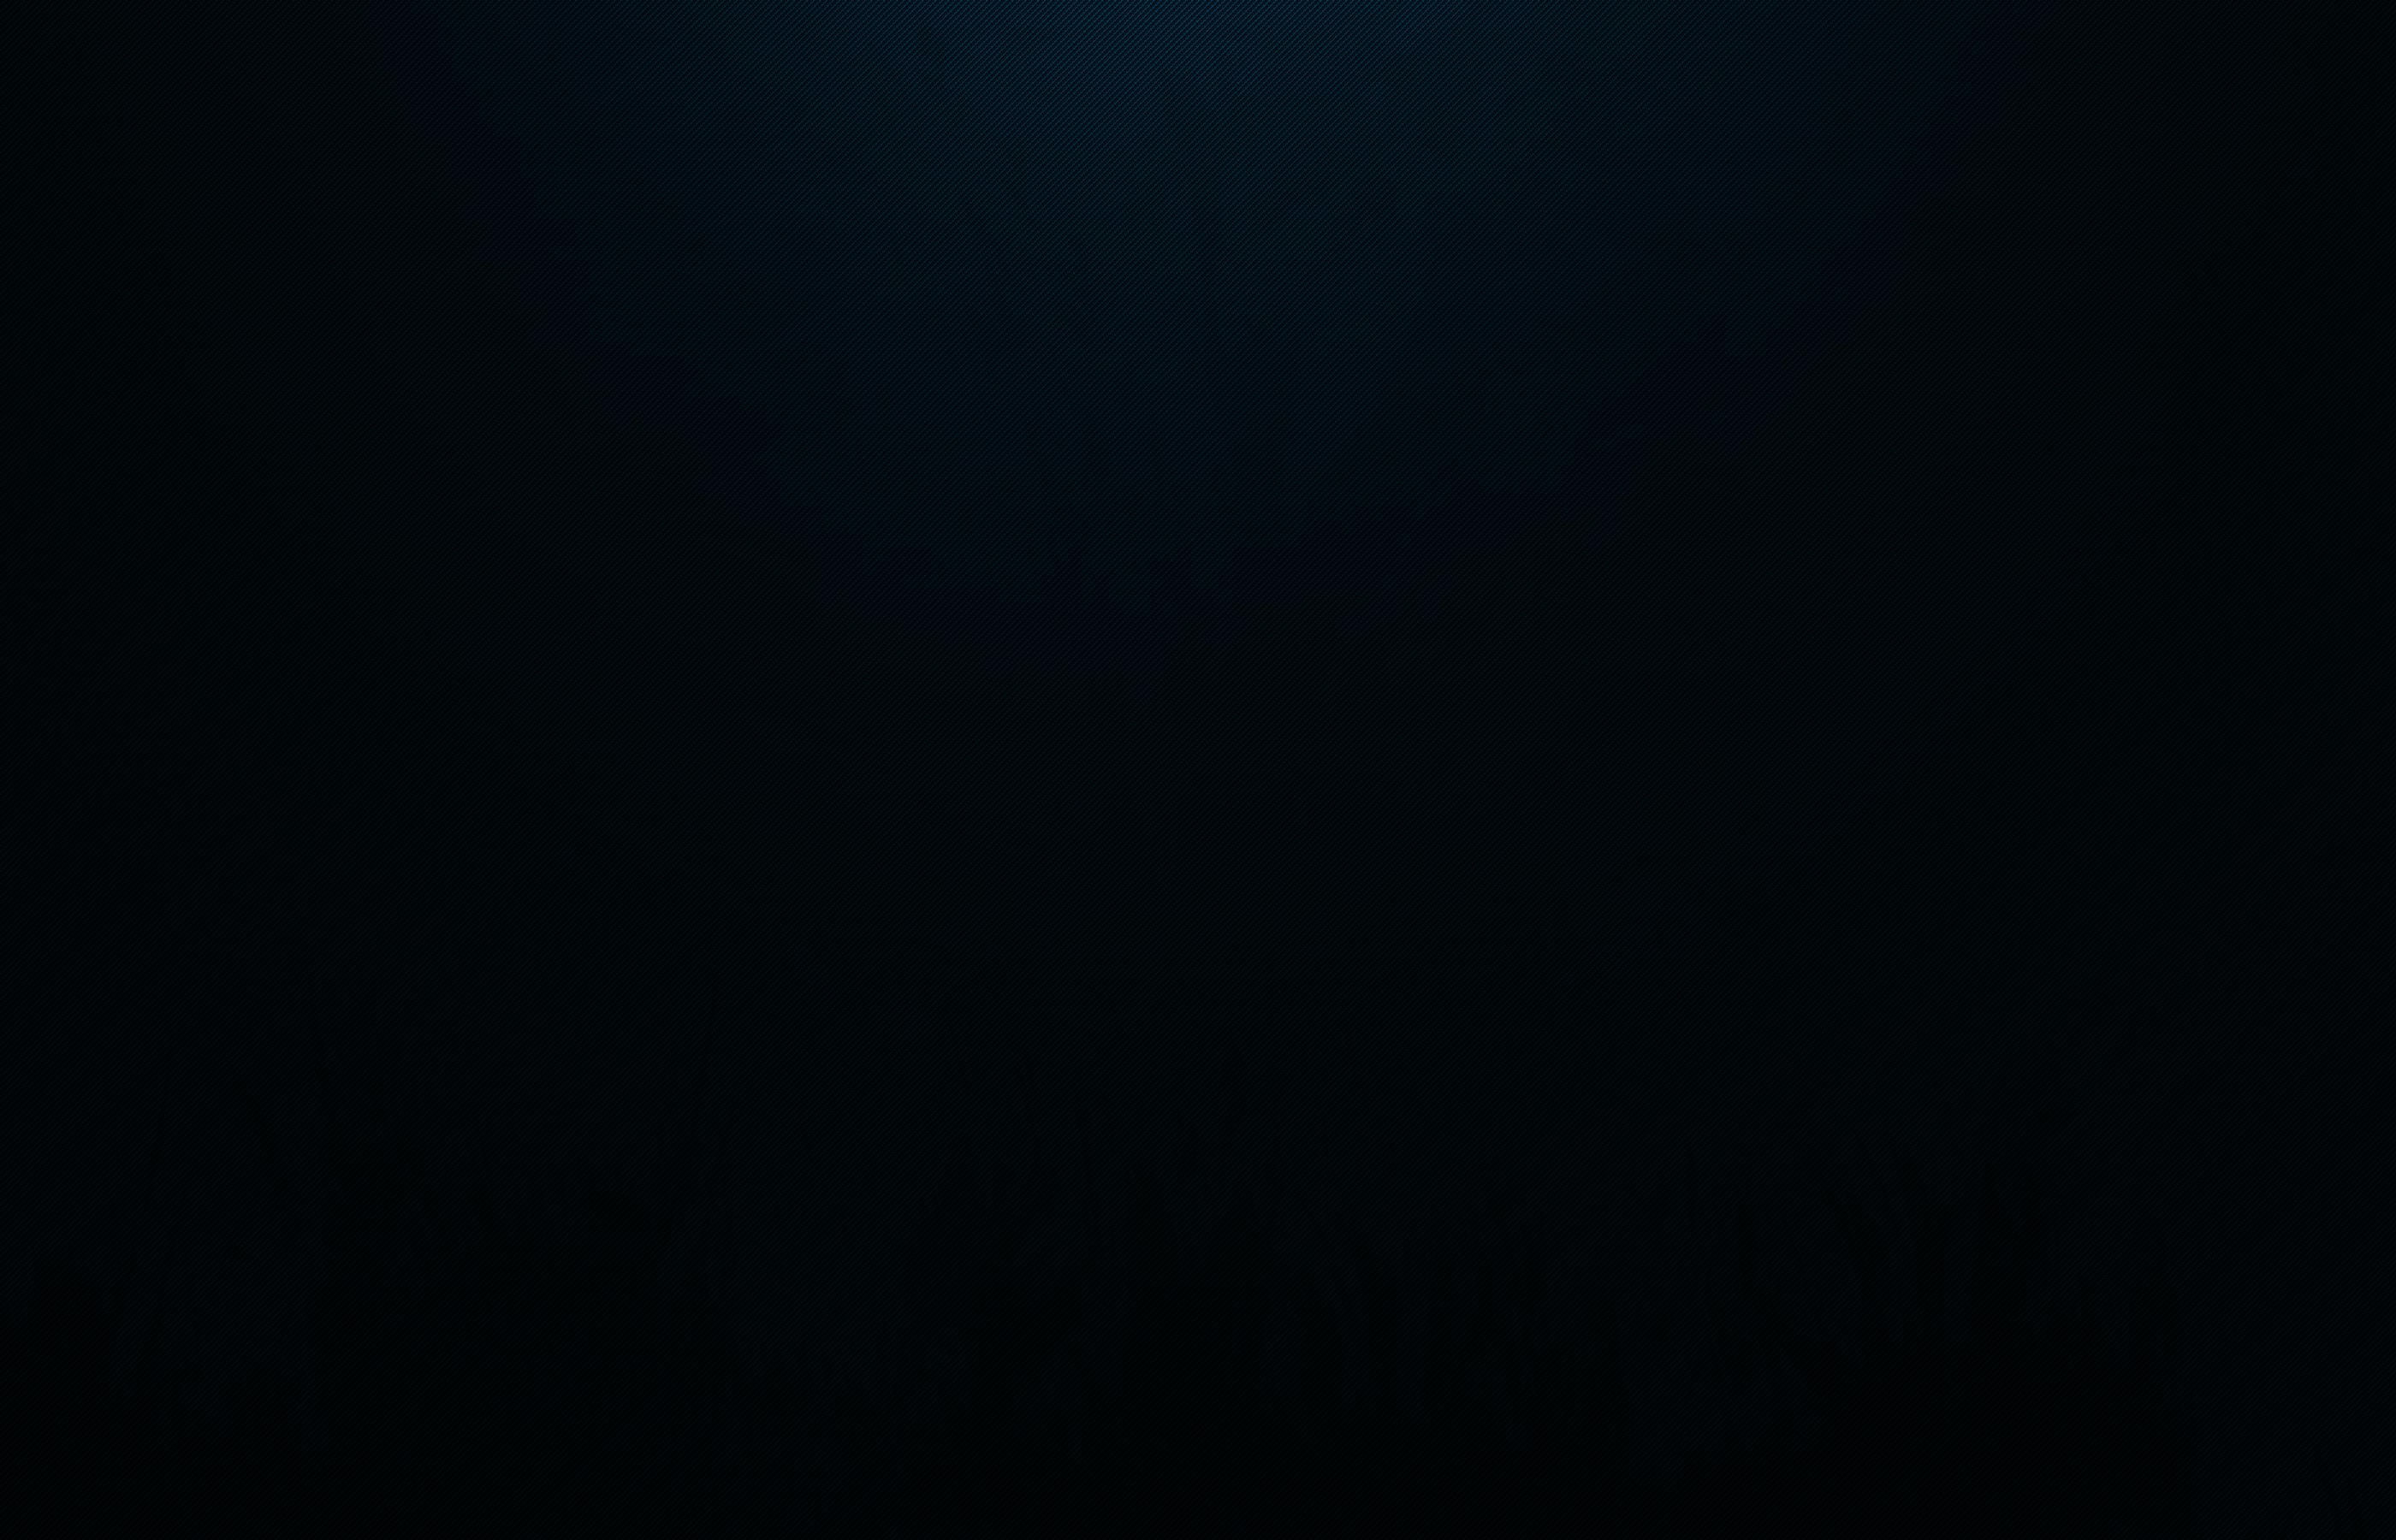 Solid Navy Blue Background Solid dark blu 2800x1800